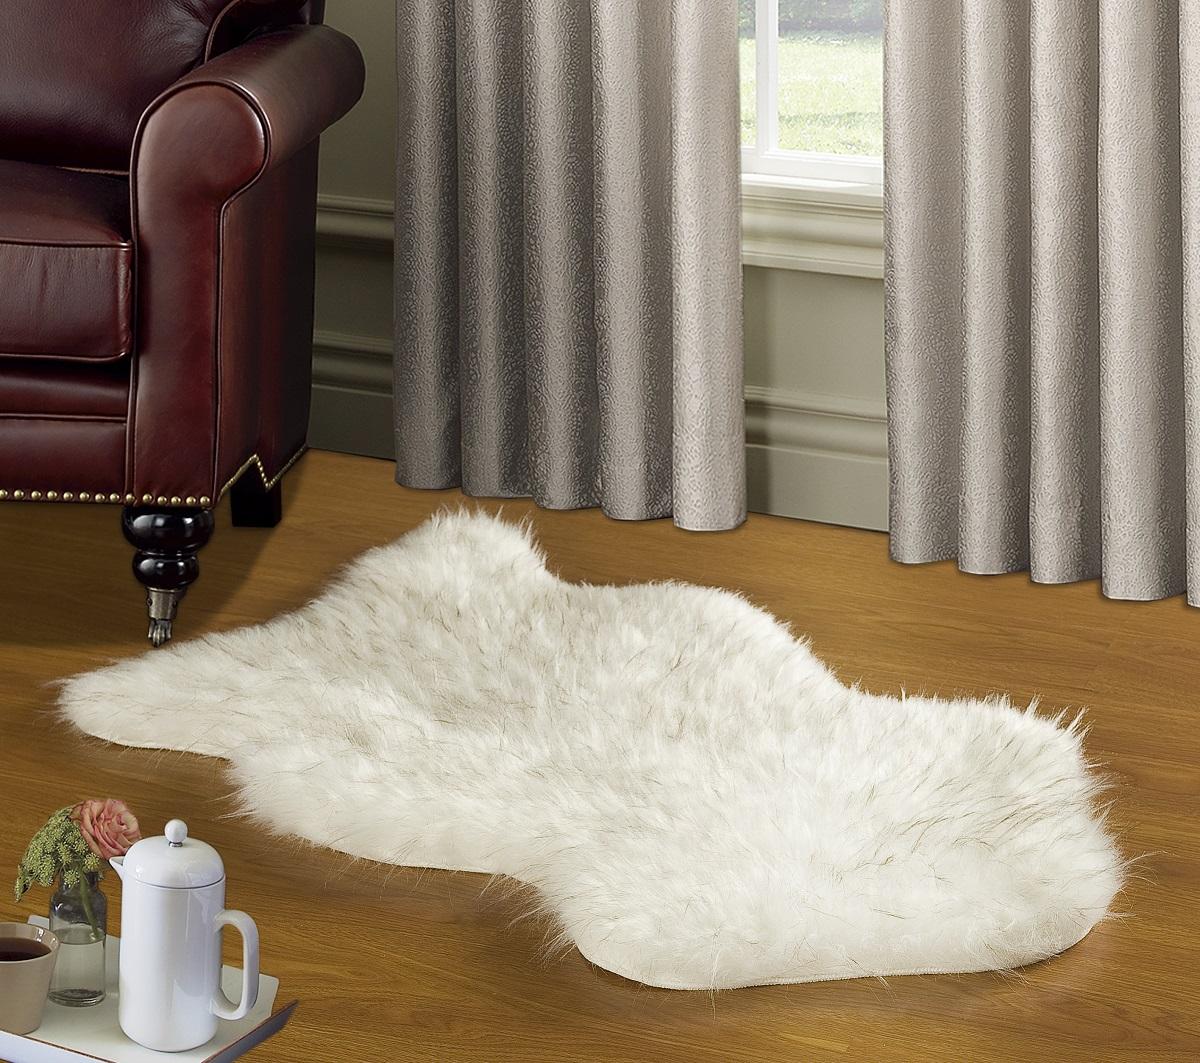 Коврик Modalin Manal, цвет: белый, 50 х 90 смNLED-447-9W-SКоврик Modalin Manal выполнен из искусственного меха. Изделие долго прослужит в вашем доме, добавляя тепло и уют, а также внесет неповторимый колорит в интерьер.